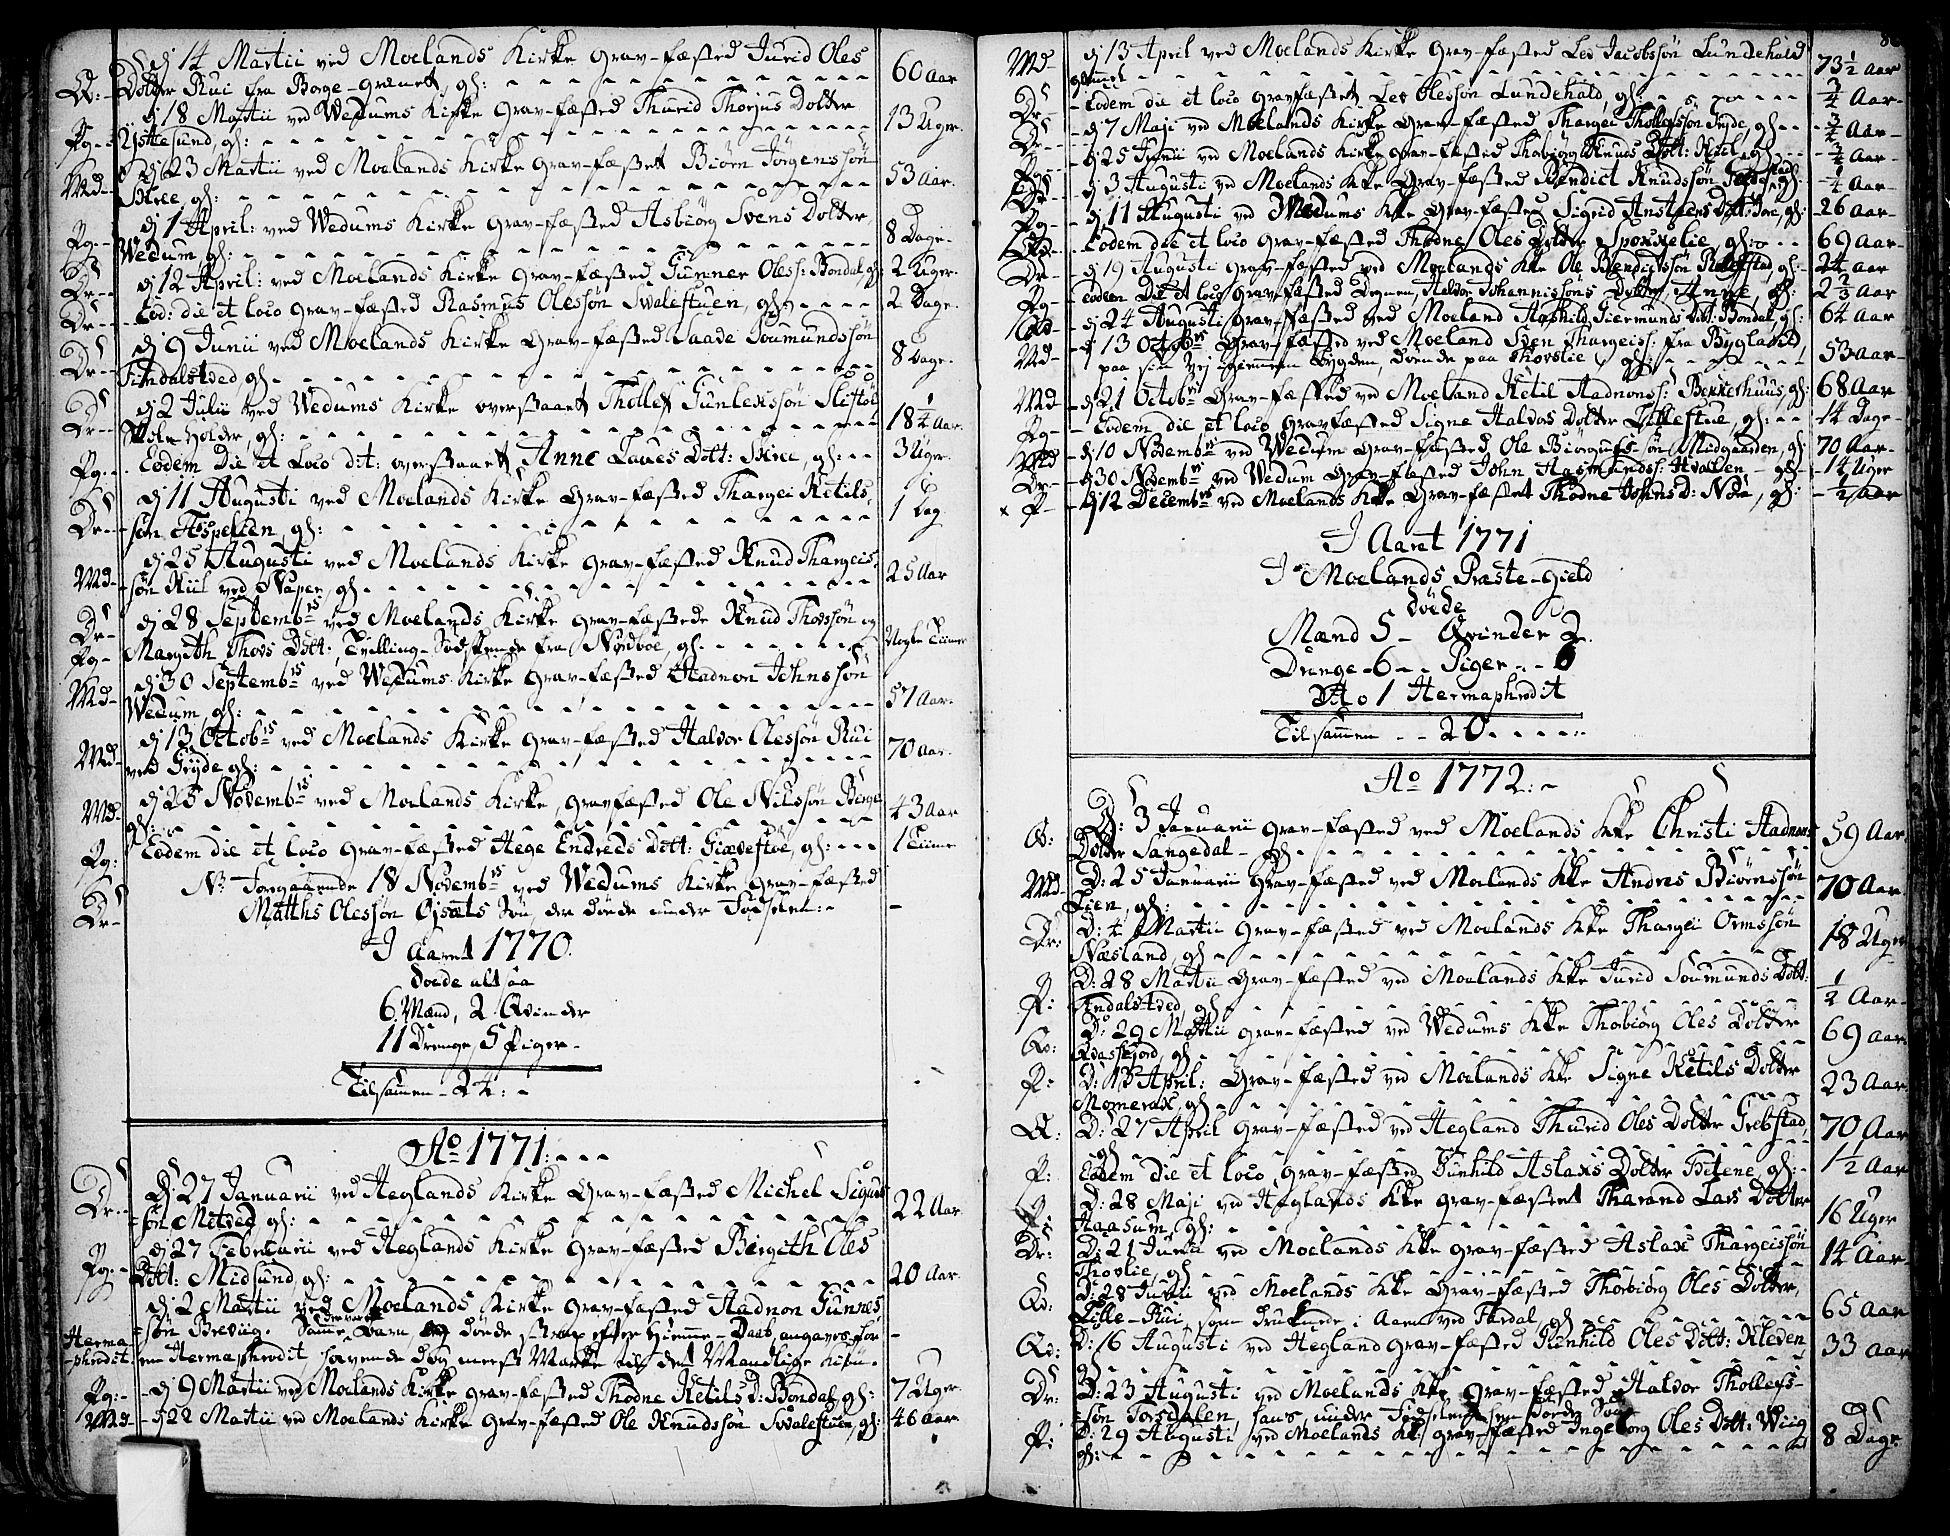 SAKO, Fyresdal kirkebøker, F/Fa/L0002: Ministerialbok nr. I 2, 1769-1814, s. 86